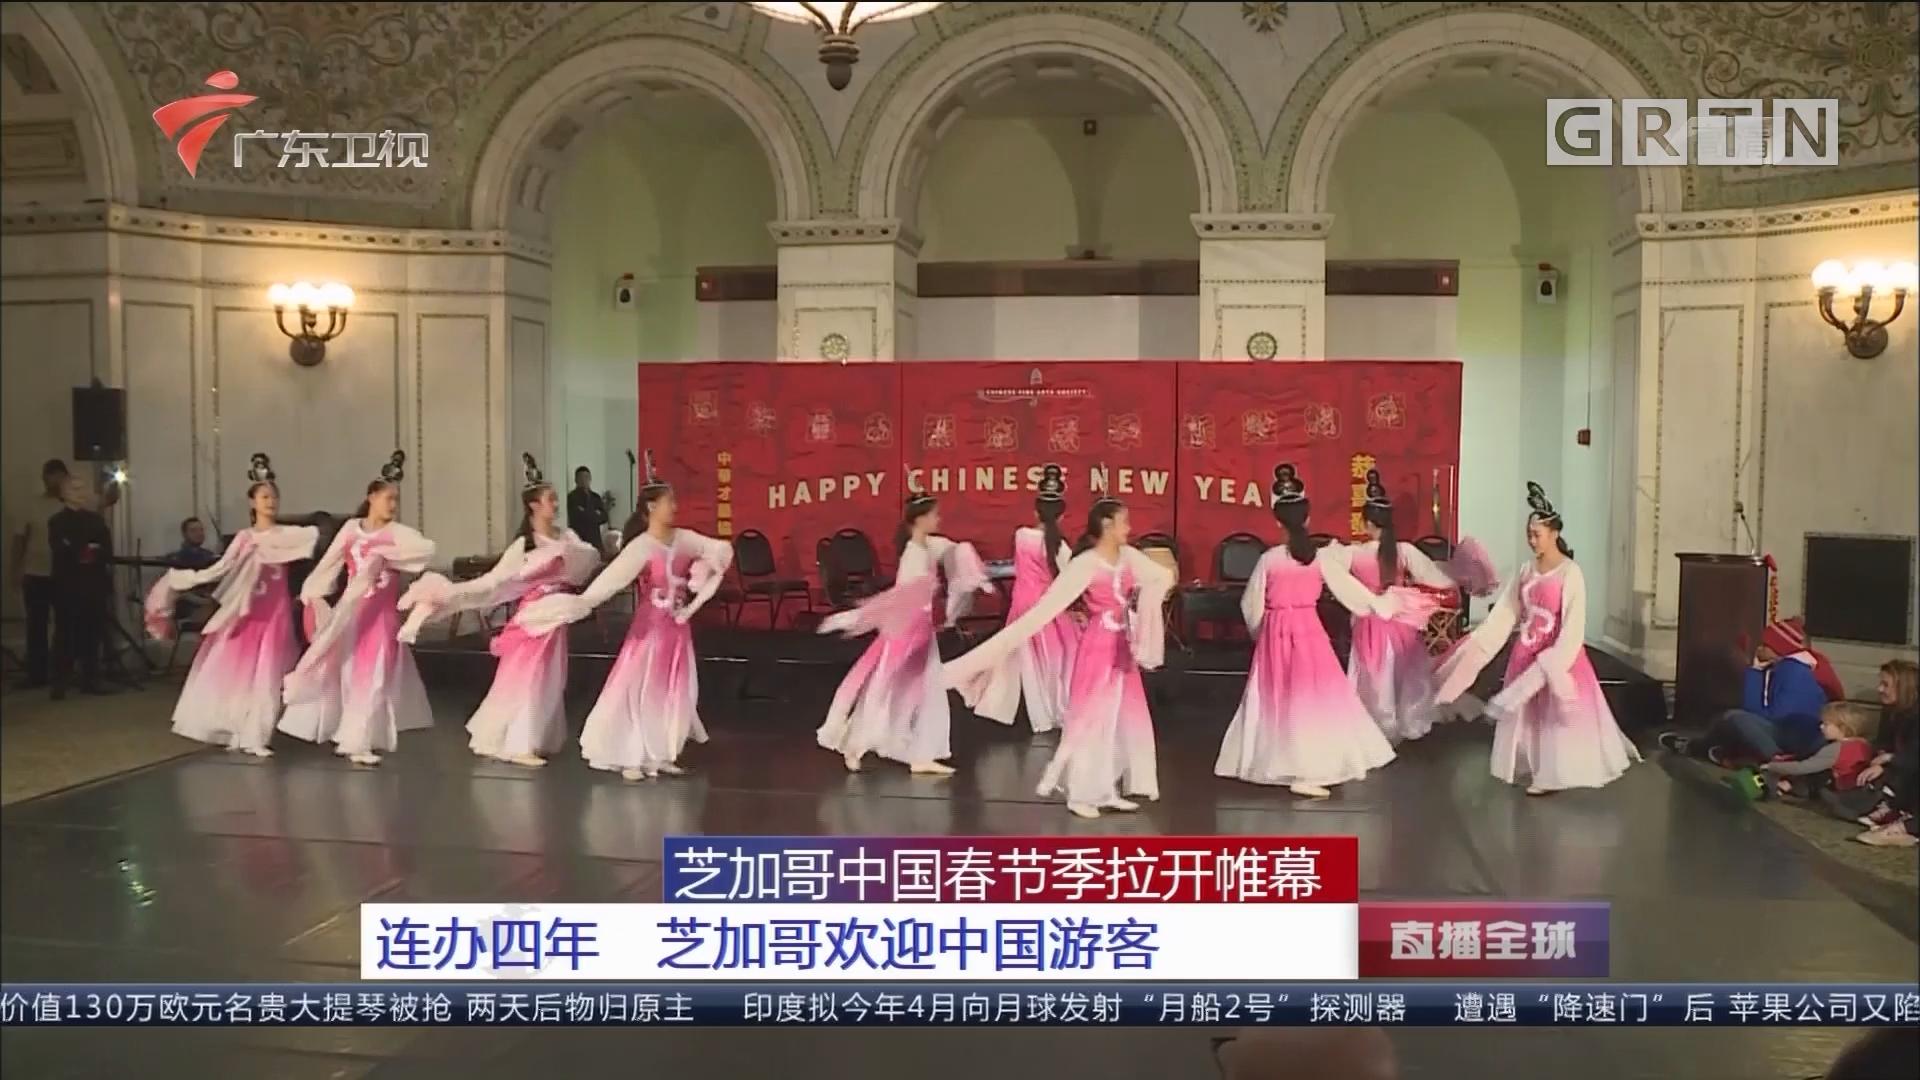 芝加哥中国春节季拉开帷幕:连办四年 芝加哥欢迎中国游客